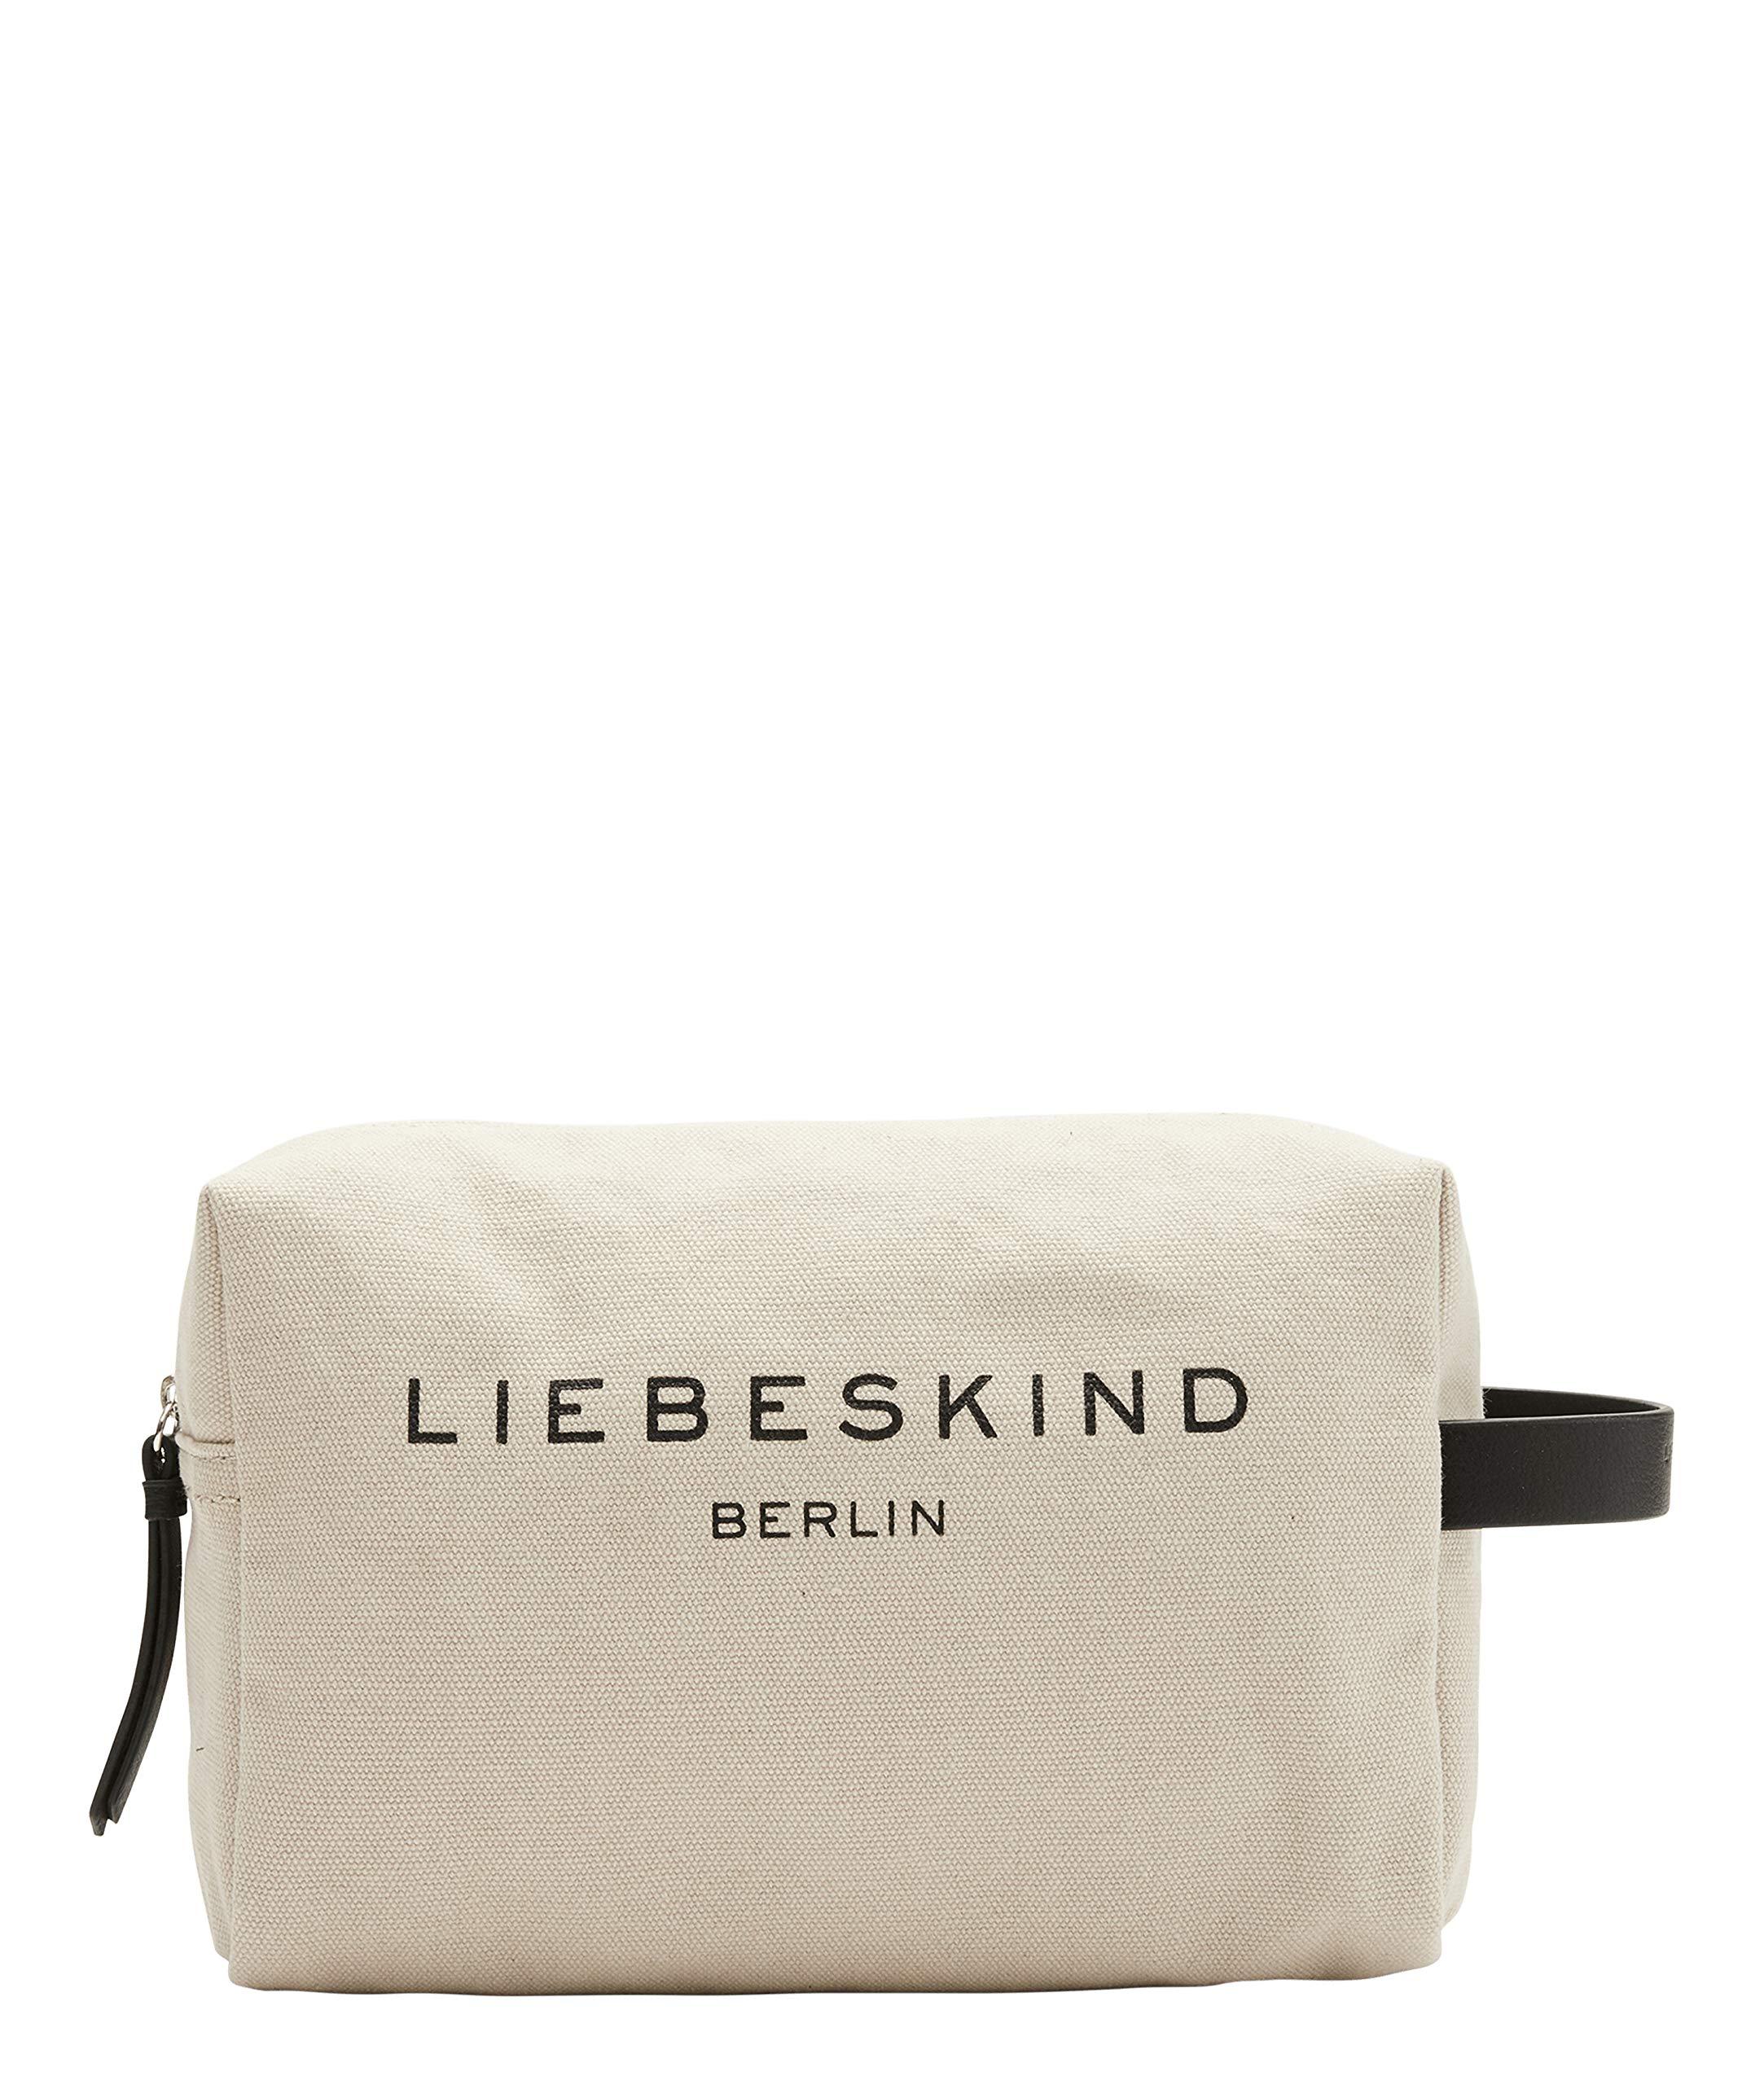 Liebeskind Berlin Kulturtasche beige